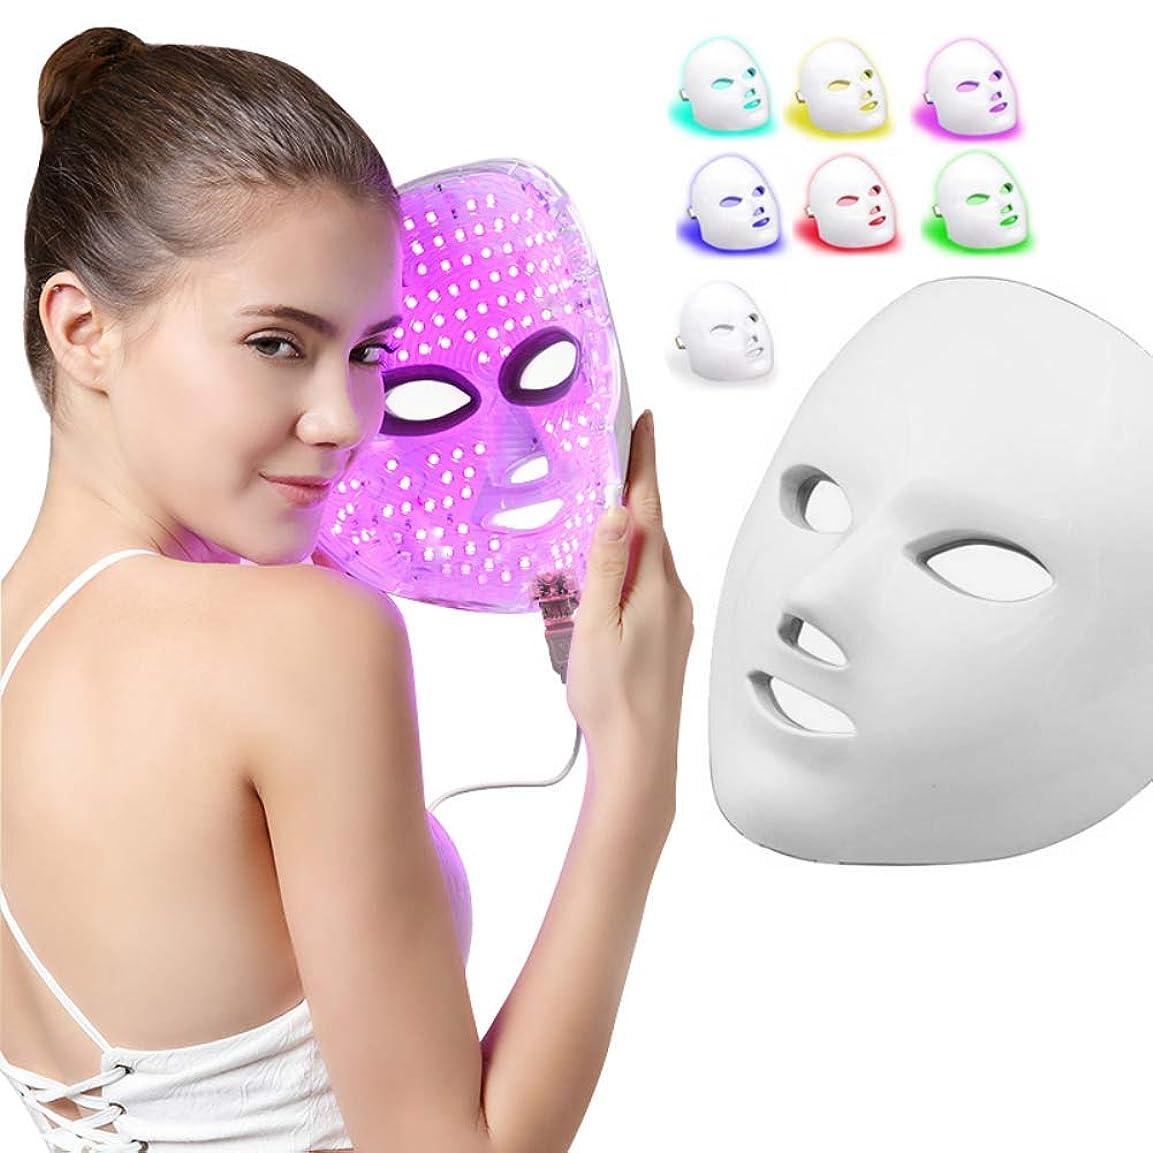 お風呂引退するネコライトセラピーマスク、7色フォトンフェイスマスクマシンマスクビューティープロアクティブスキンケアアンチエイジングファーミングスキン改善ファインライン